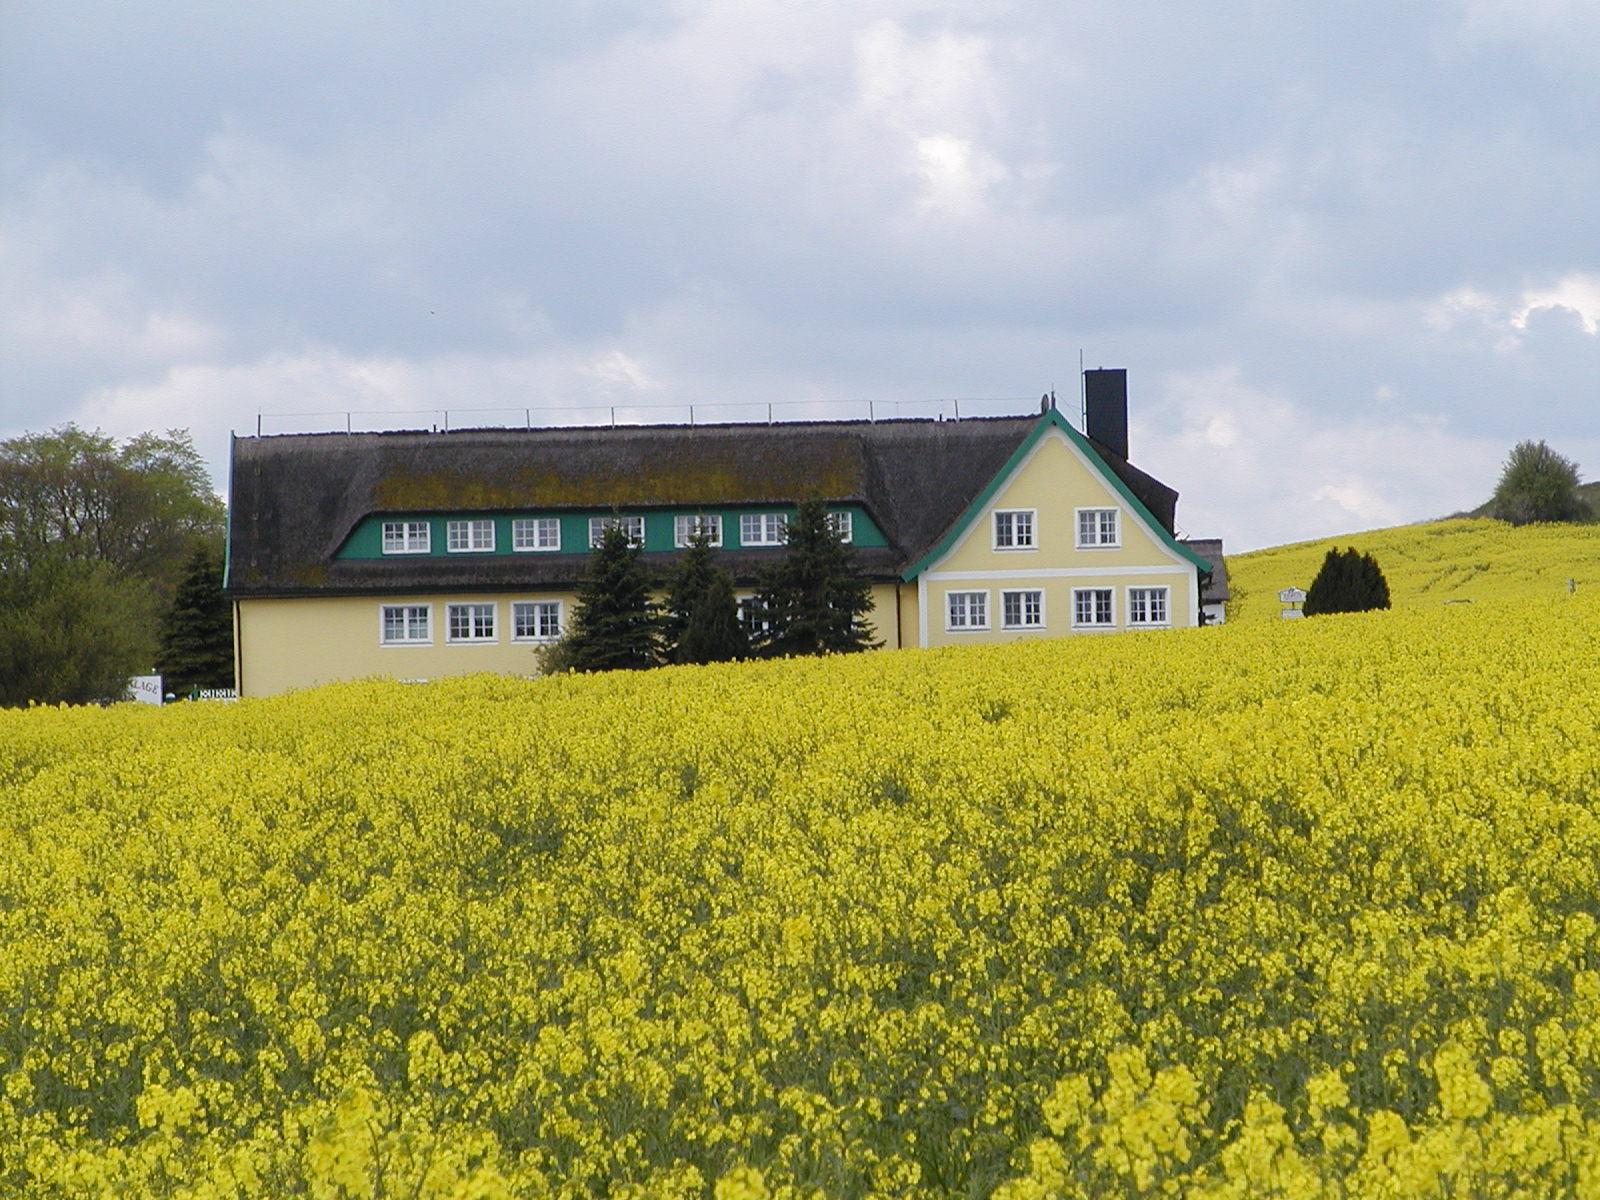 Ferienwohnung Ferienanlage Alt Reddevitz, (Alt Reddevitz). Ferienwohnung Neukölln, 35 qm, 1 Schlafzimmer (1029663), Alt Reddevitz, Rügen, Mecklenburg-Vorpommern, Deutschland, Bild 16